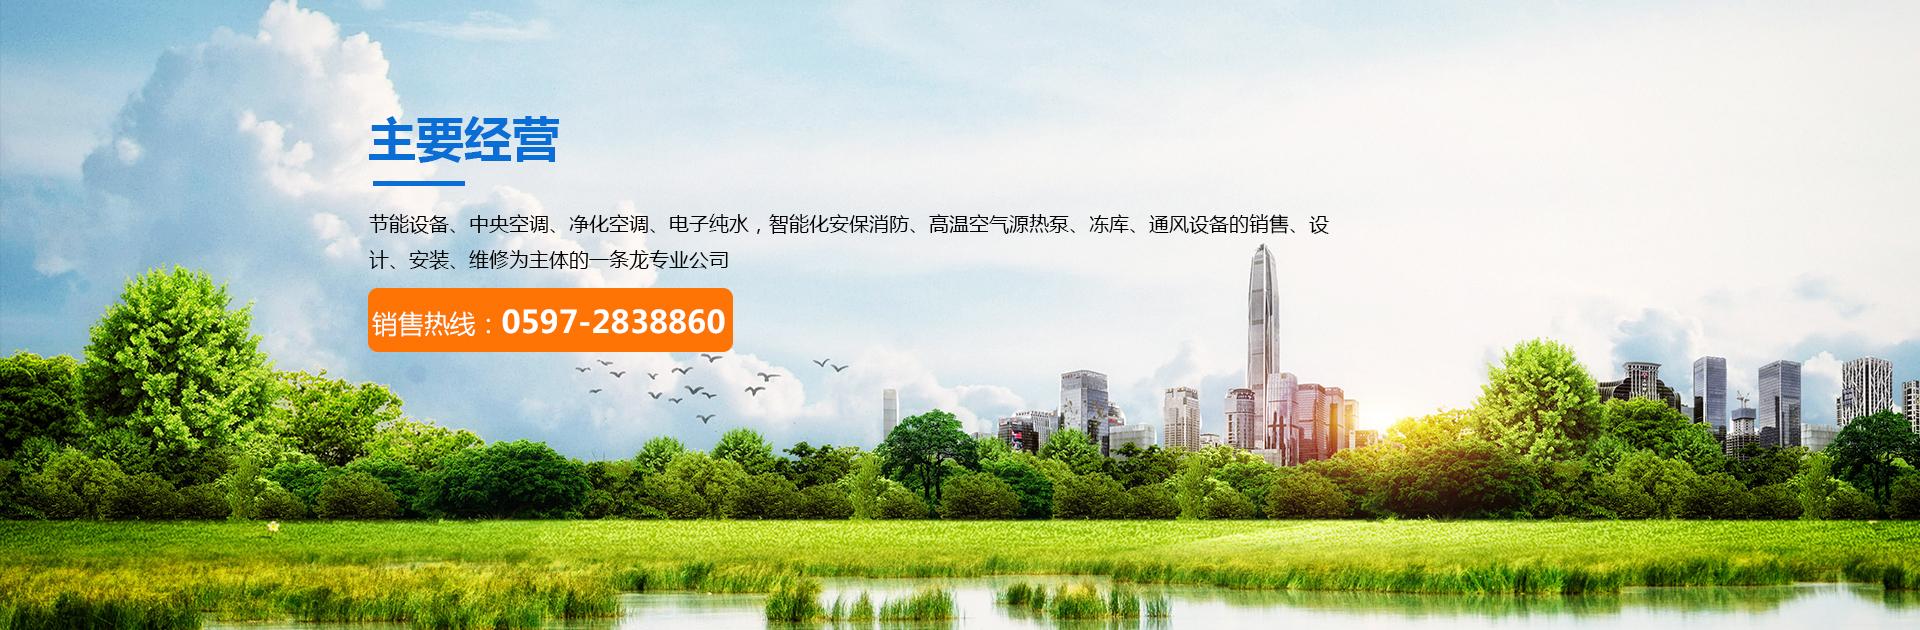 龙岩市盈彩网 电器工贸有限公司